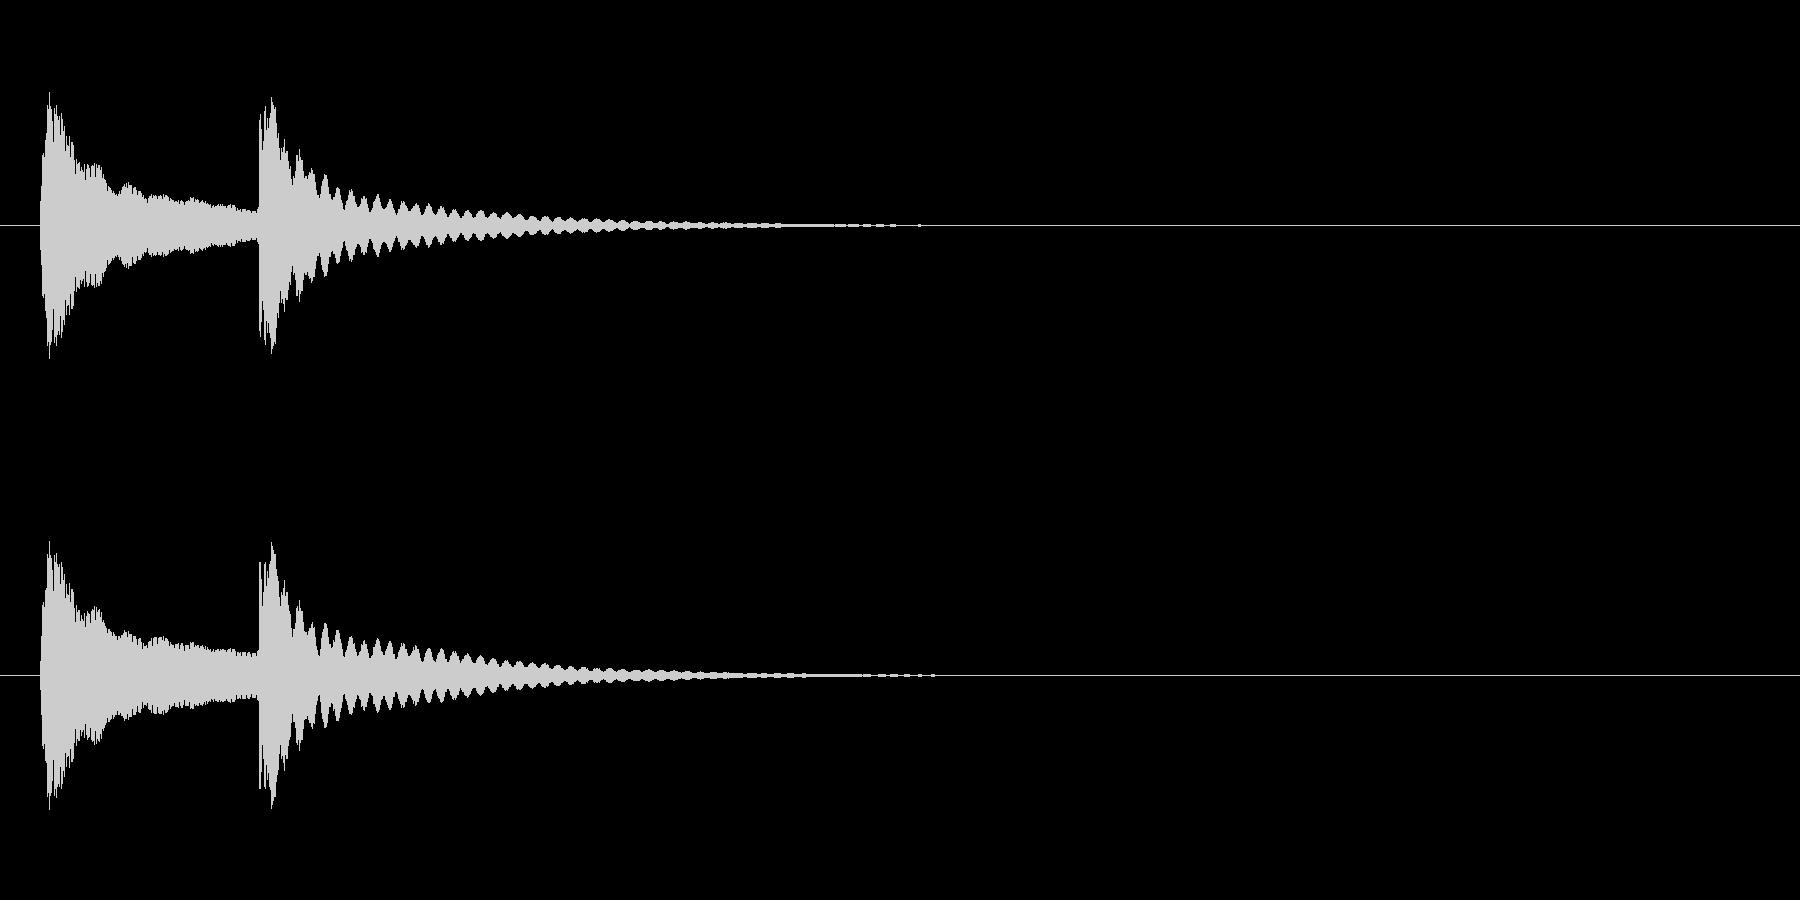 可愛さのあるアプリタッチ音ですの未再生の波形